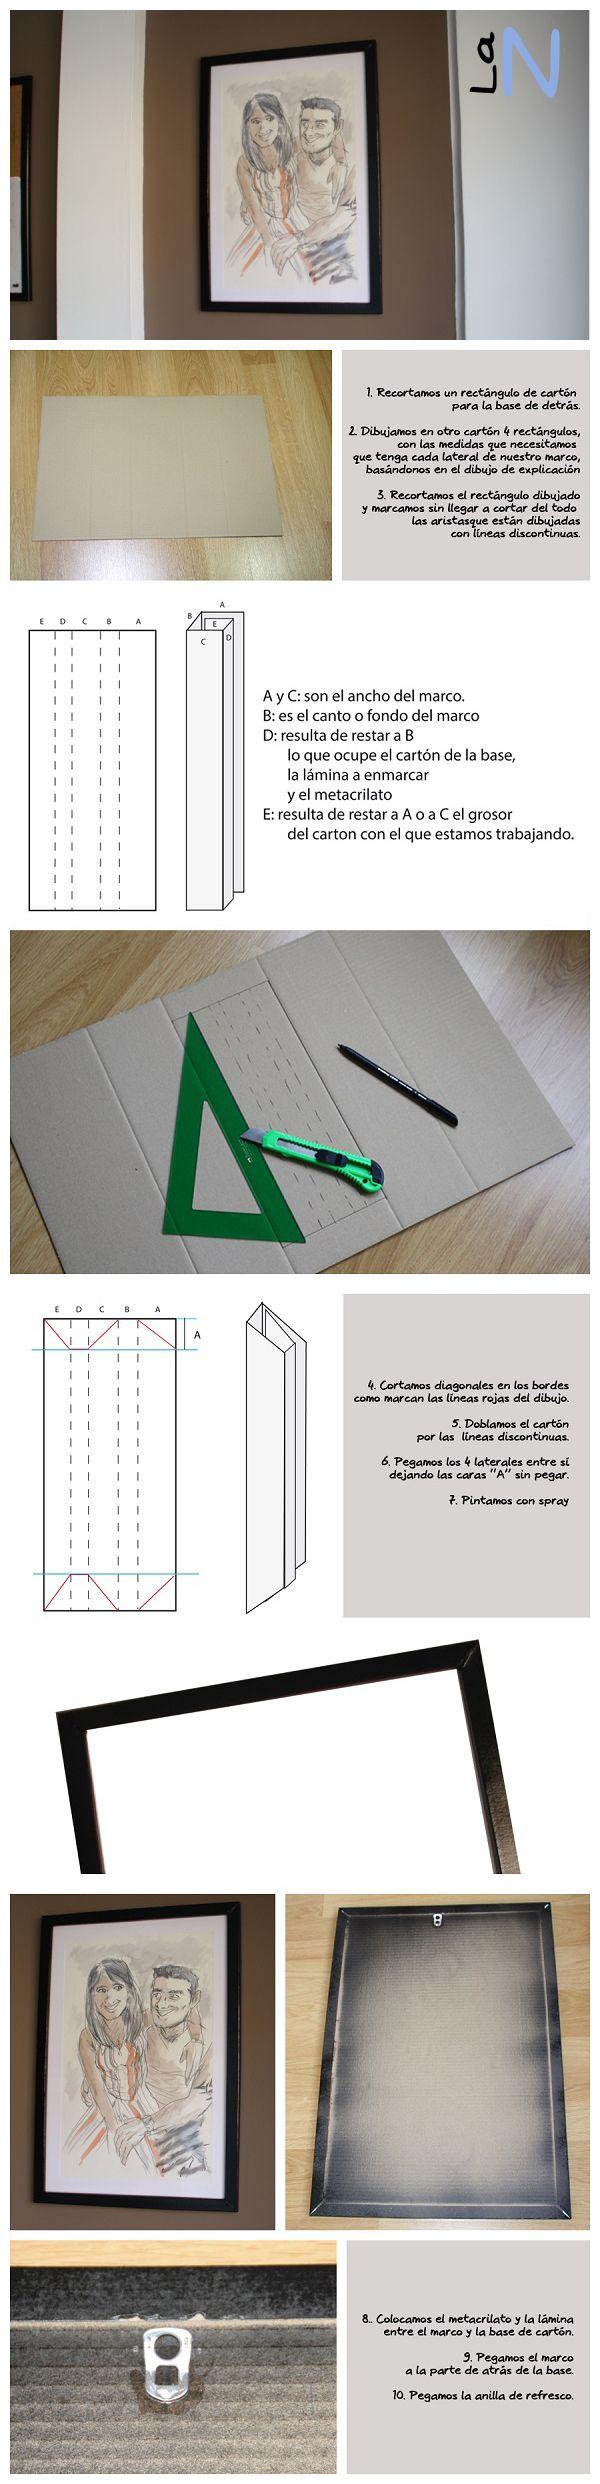 Marco de cartón para lámina con medidas no standard. http://laneuronadelmanitas.blogspot.com.es/2013/06/marco-de-carton-reciclado.html